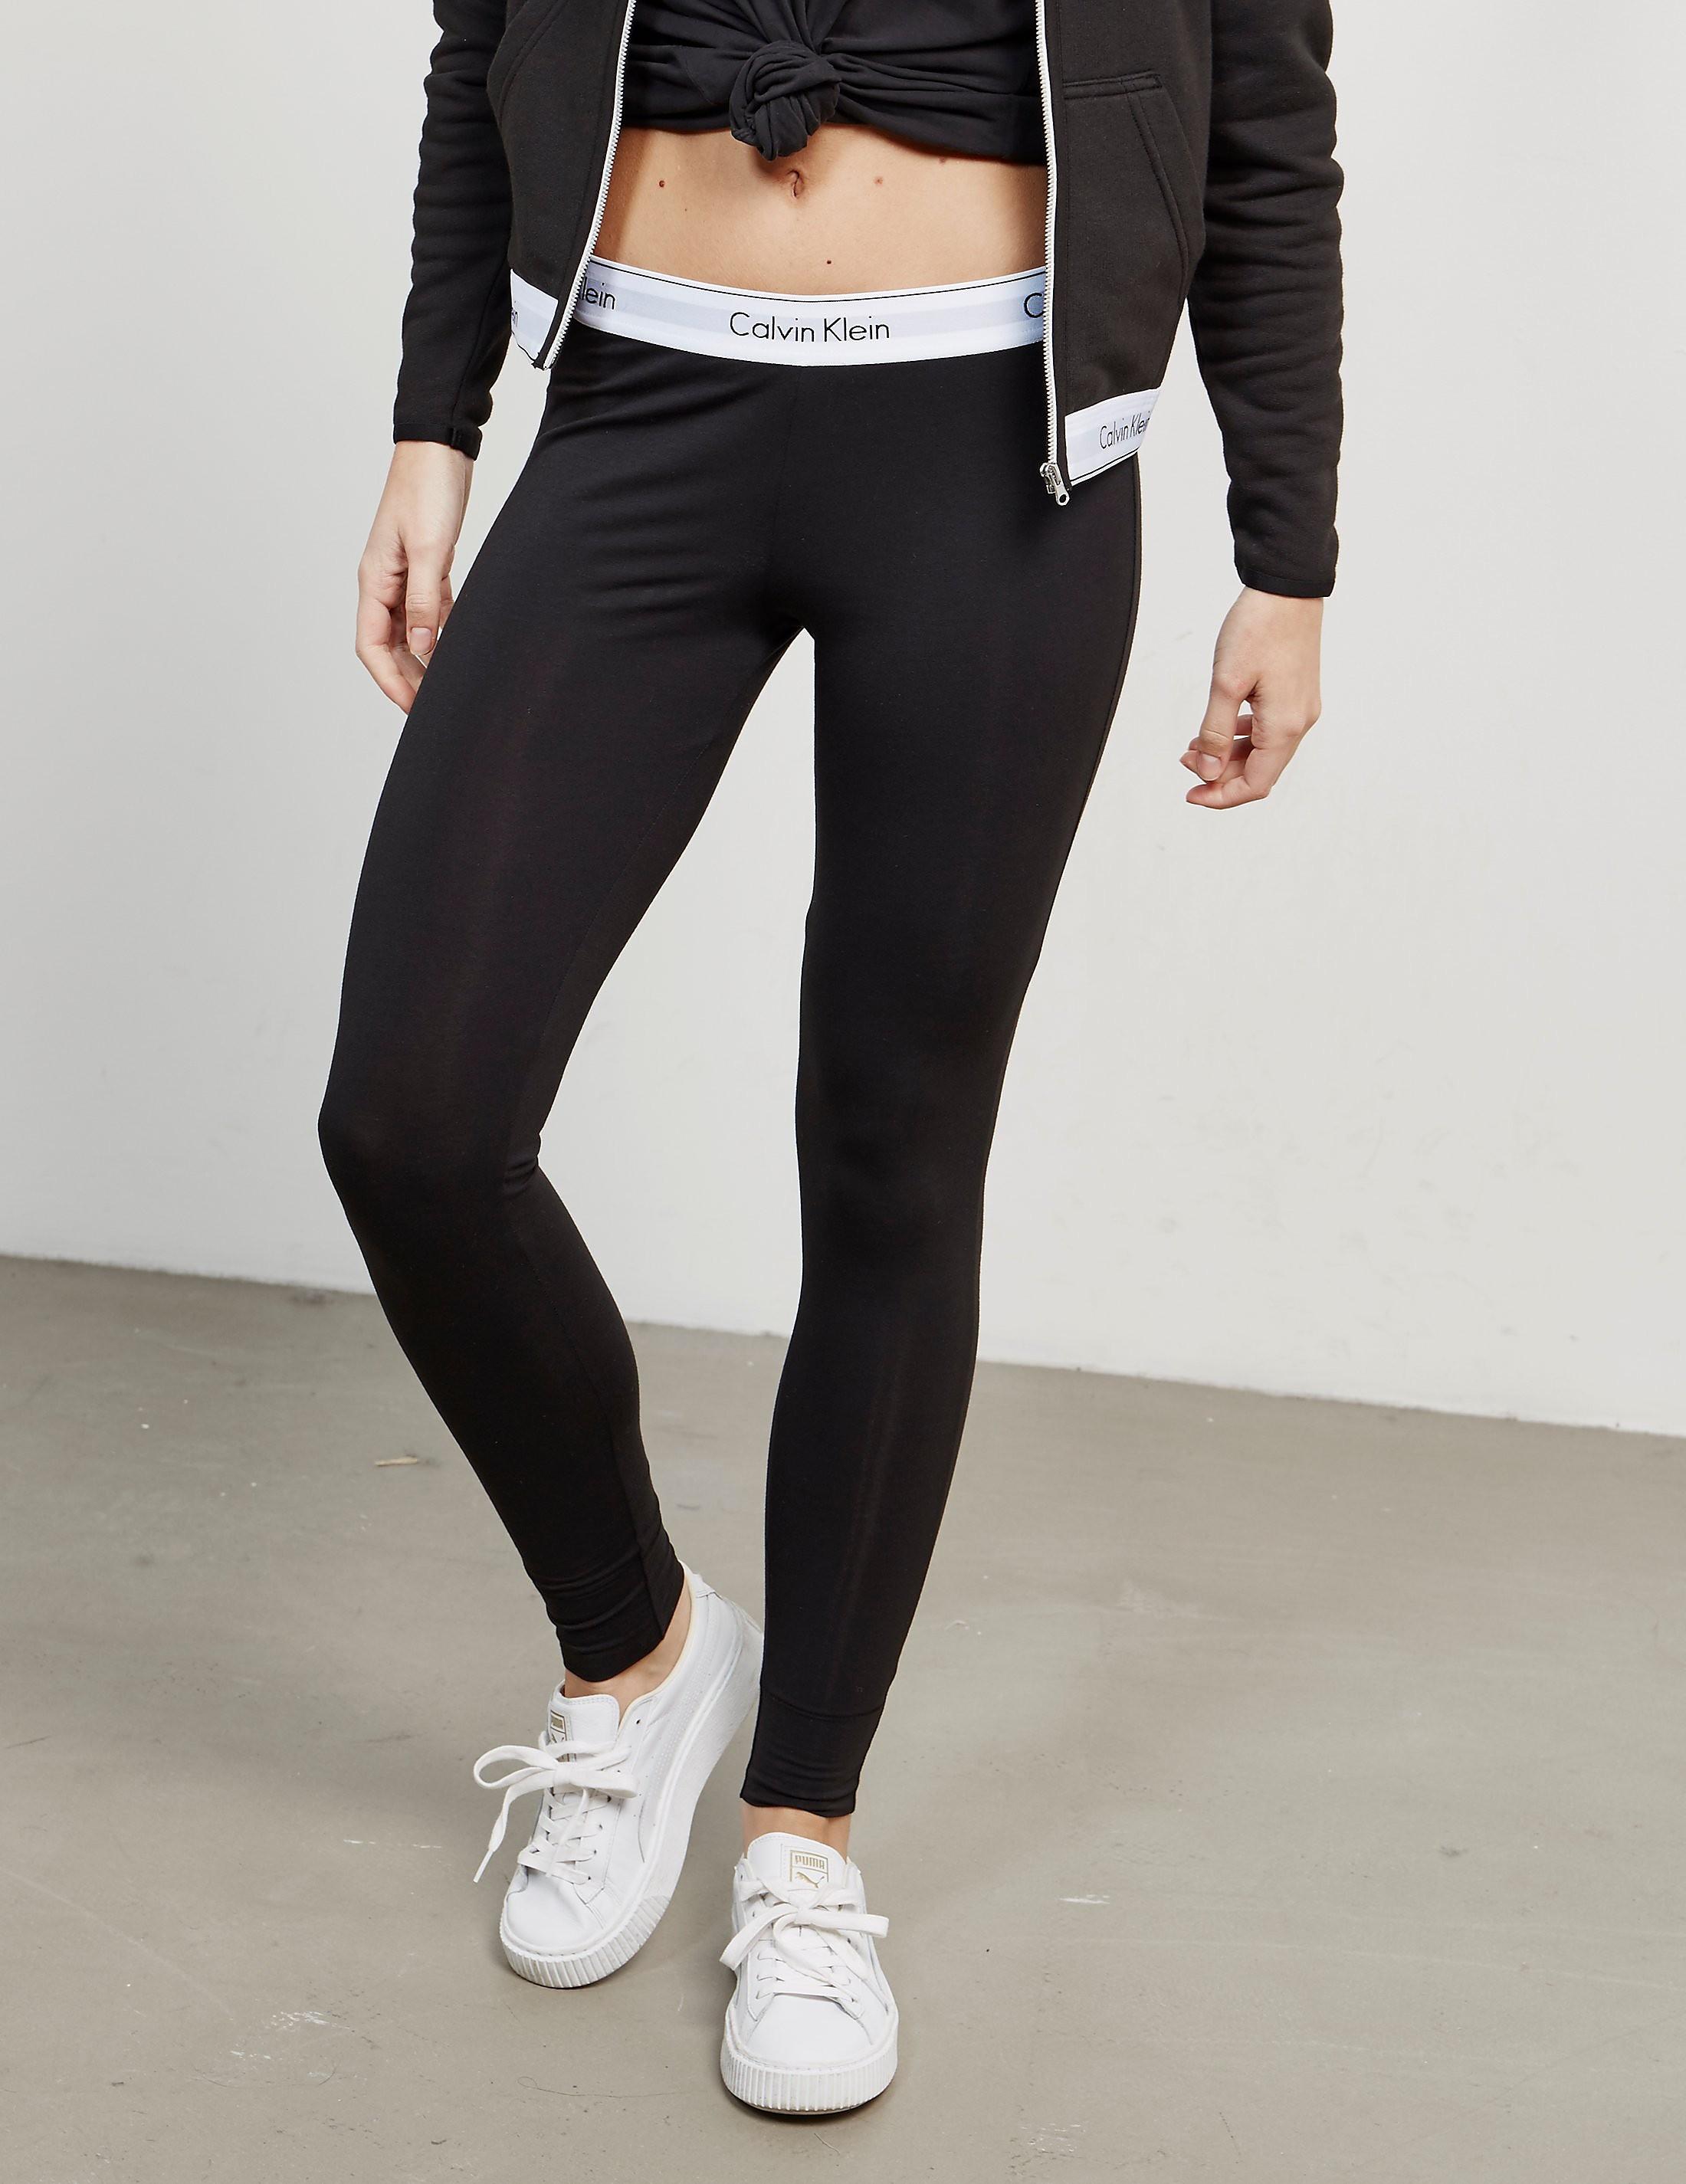 Calvin Klein Modern Leggings